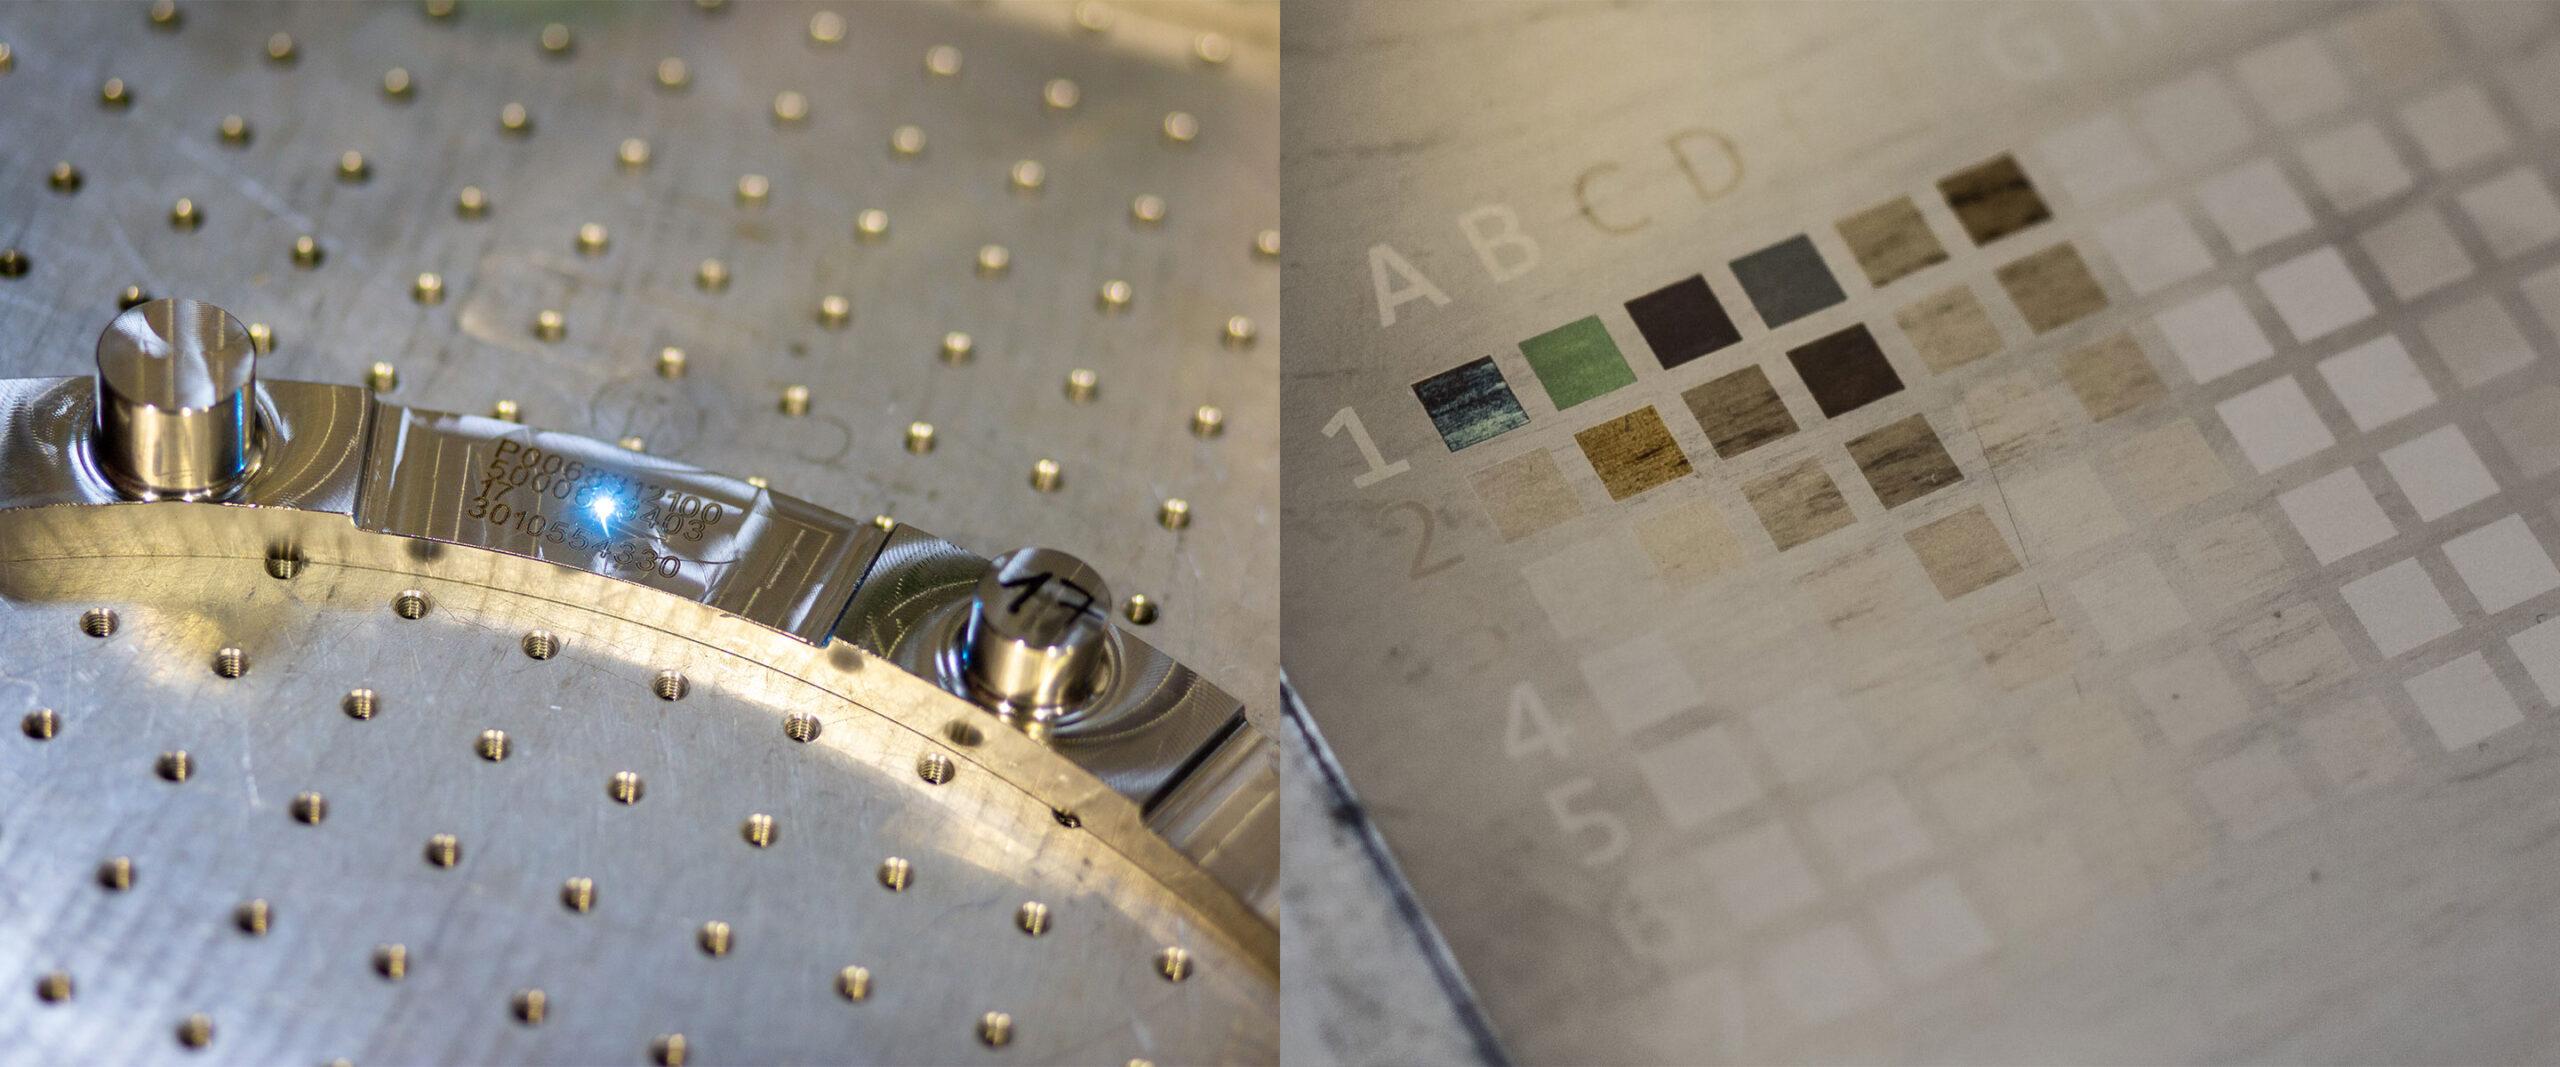 Lasermarkierungen bei LKM - Kunststoff- und Metallverarbeitung